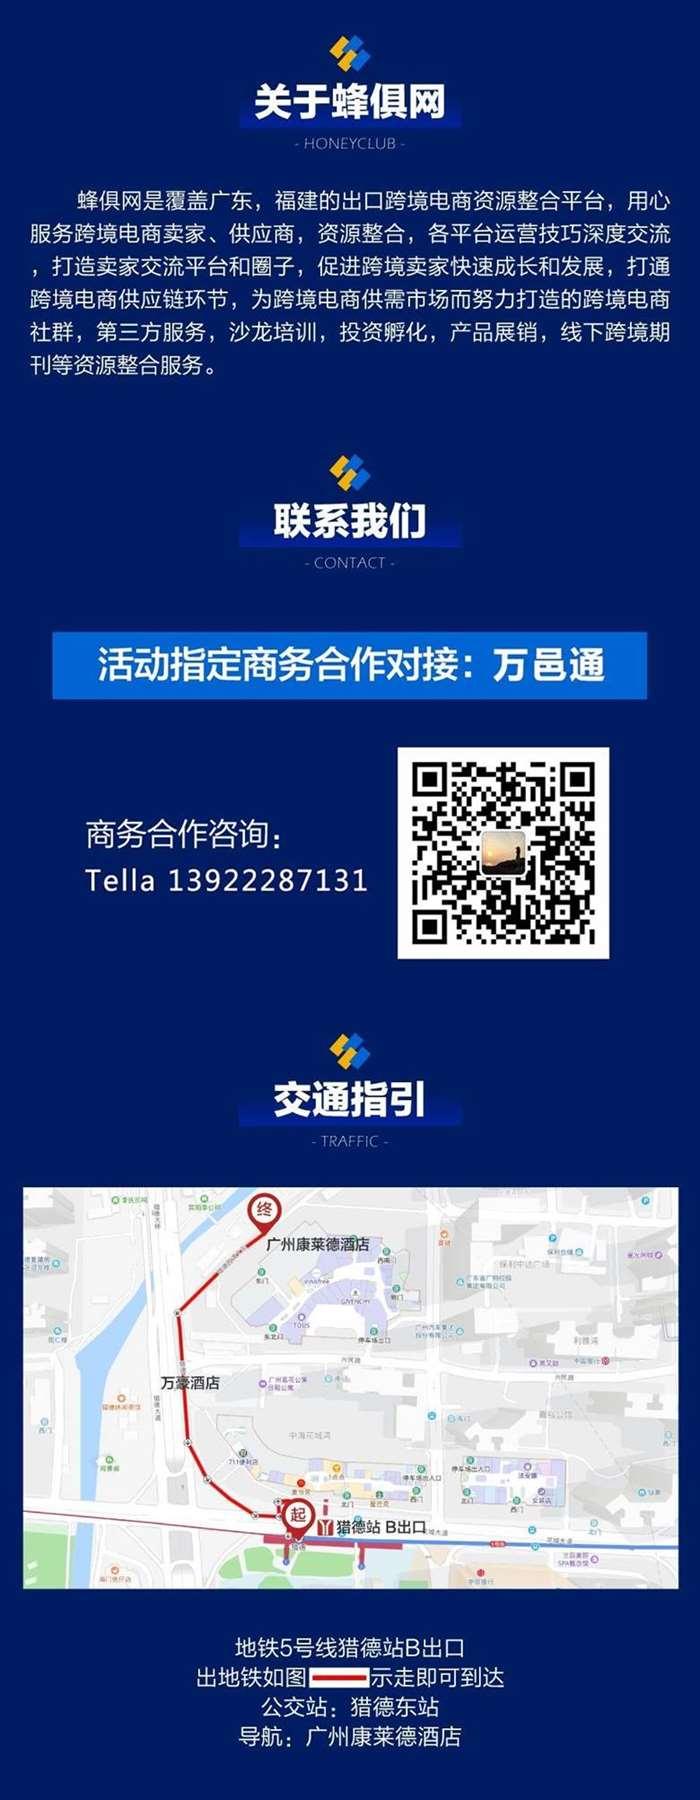 20190523eBay卖家大会广州站_8.png